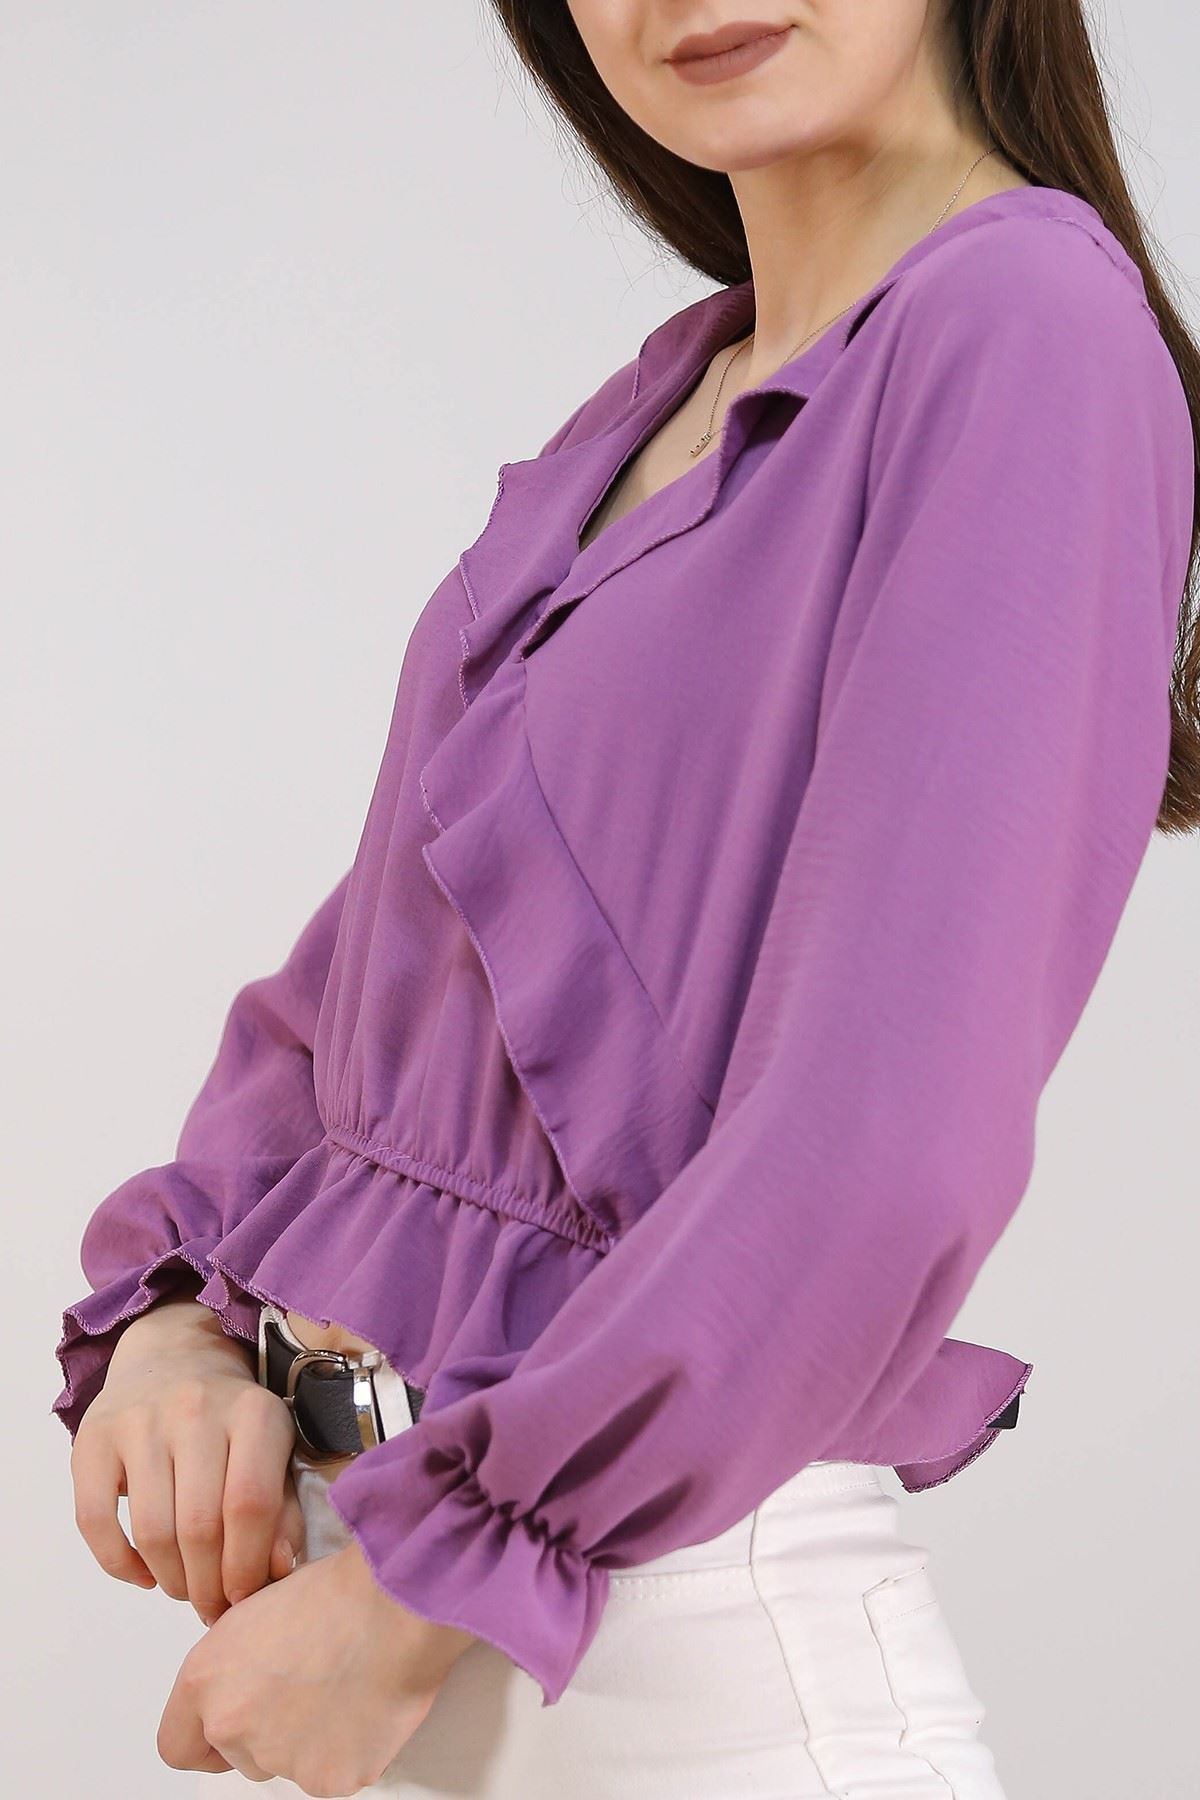 Kadın Dokuma Bluz Lila - 5271.224.